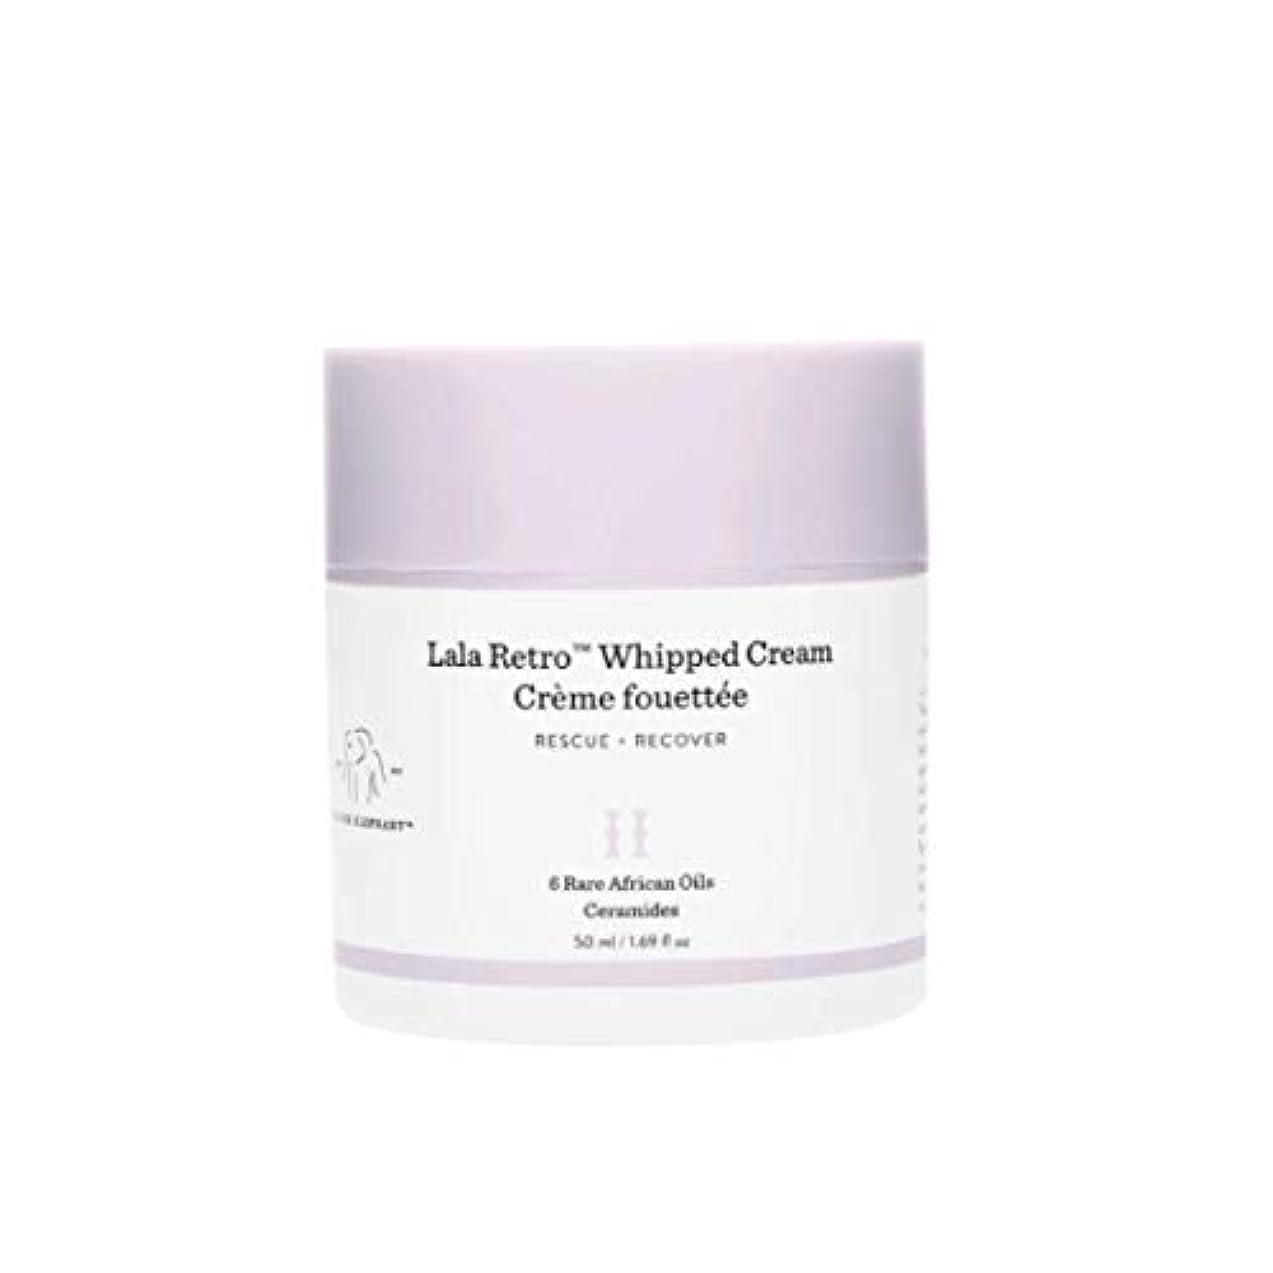 ロマンス指標アッパーDRUNK ELEPHANT Lala Retro Whipped Cream 1.69 oz/ 50 ml ドランクエレファント ララレトロ ホイップドクリーム 1.69 oz/ 50 ml